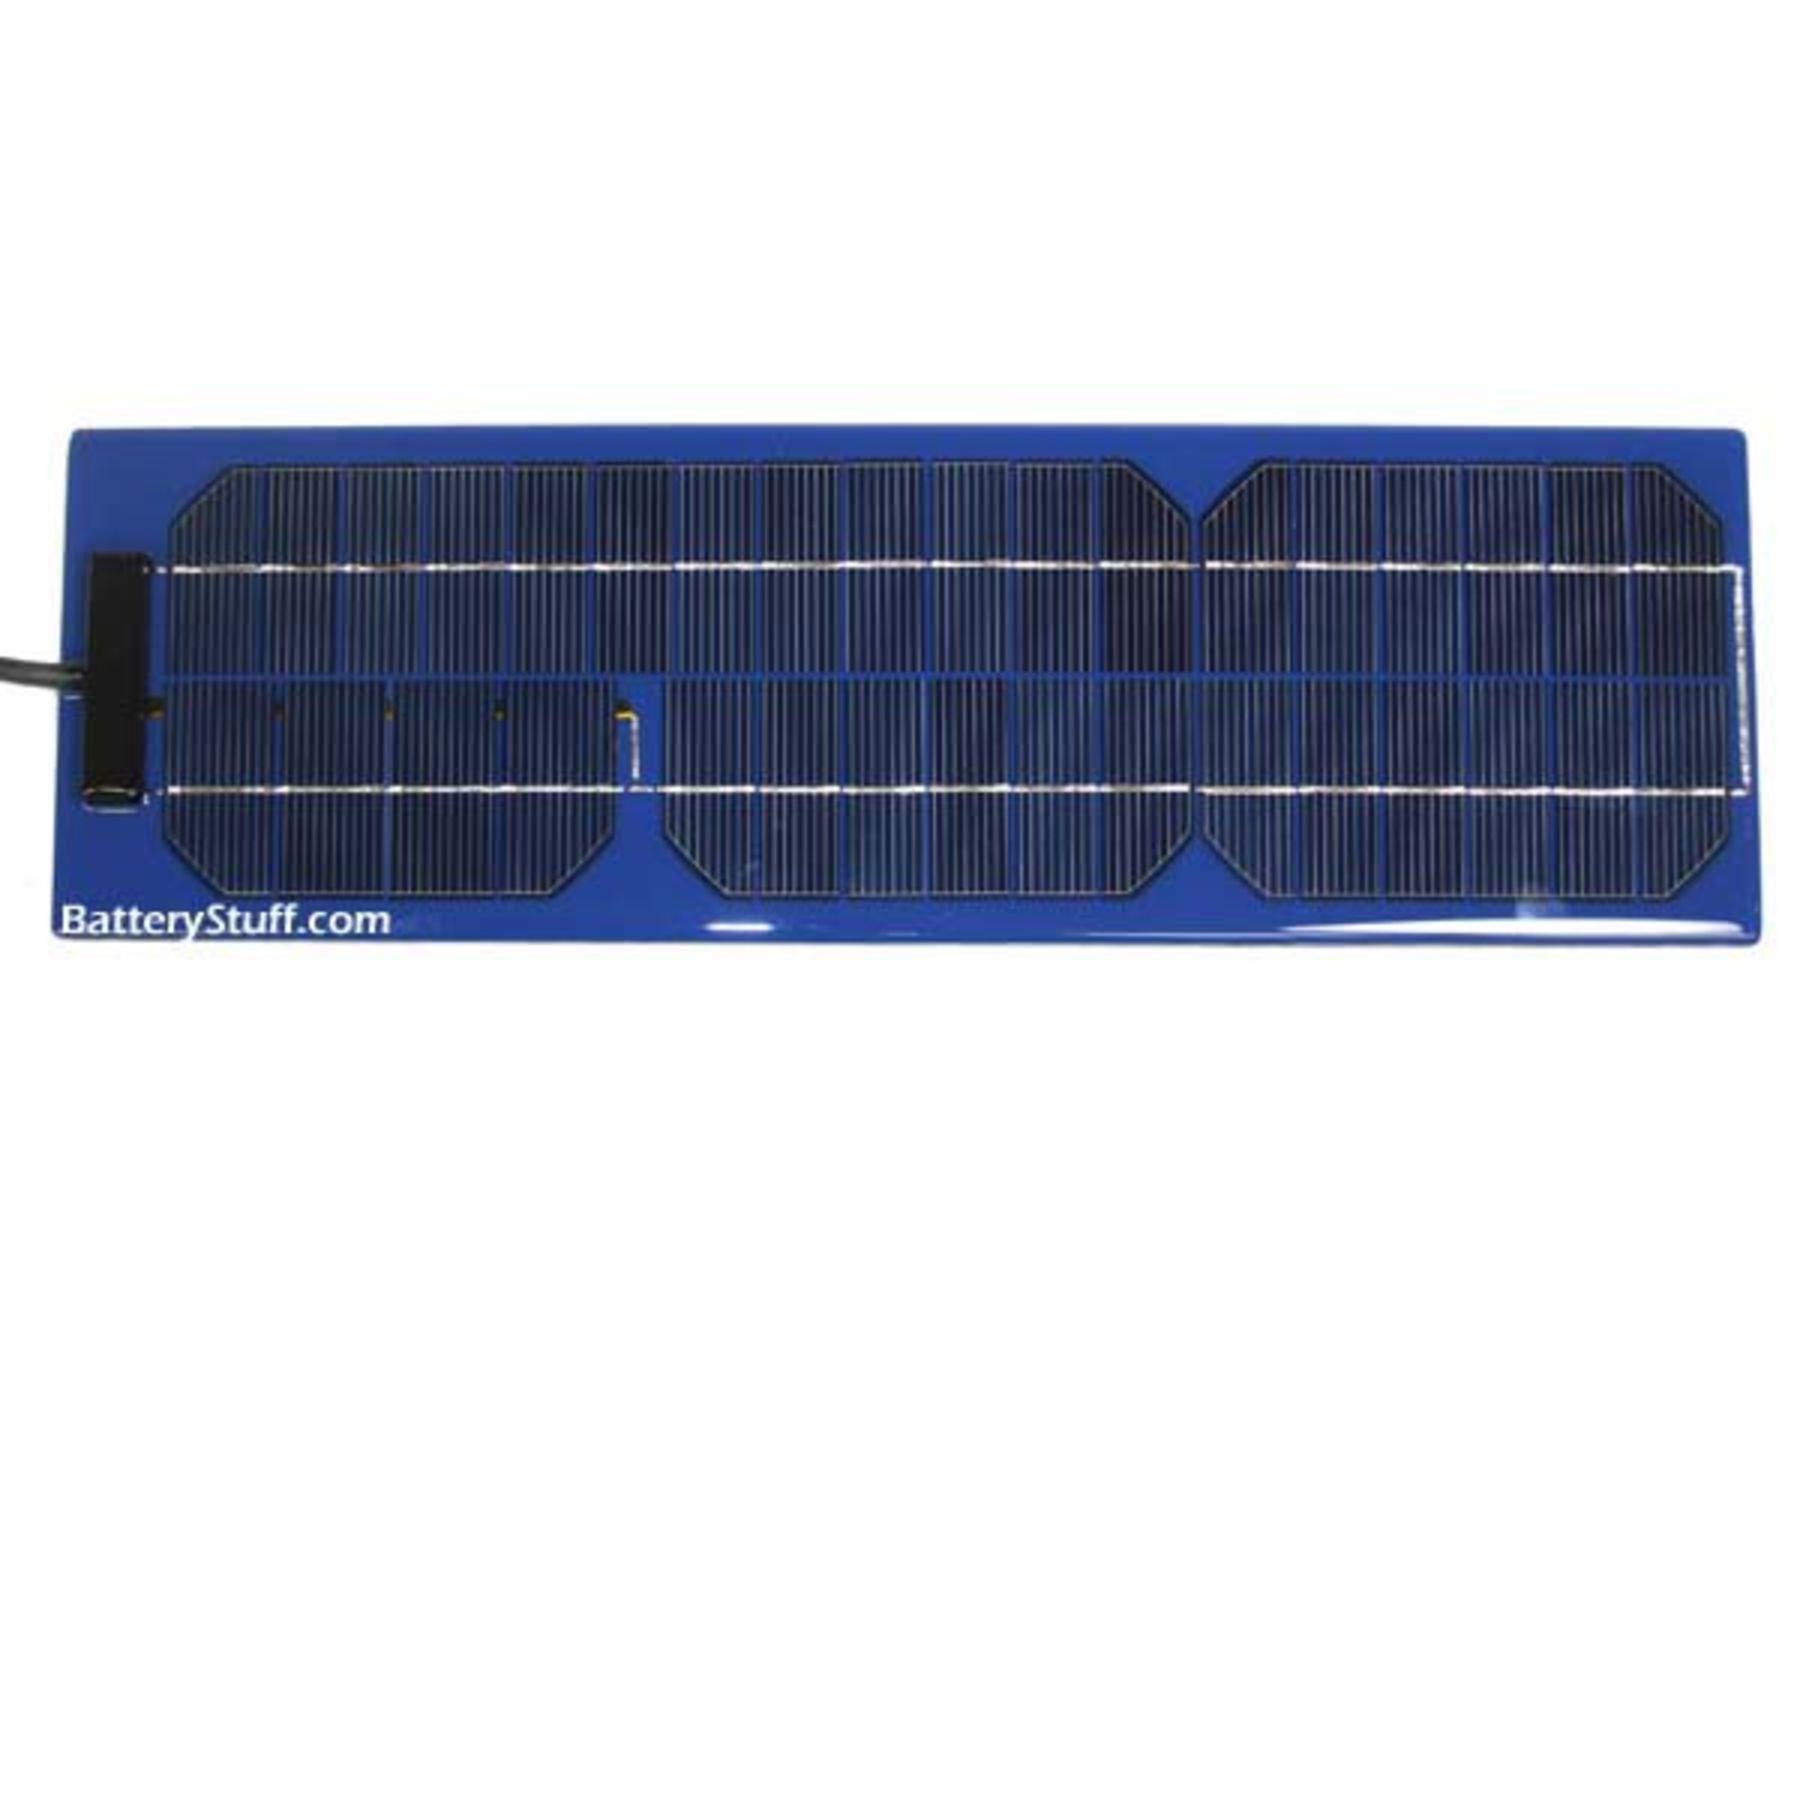 12v Erv Unit Pulsetech 12v 7 Watt Solarpulse Industrial Solar Charging System